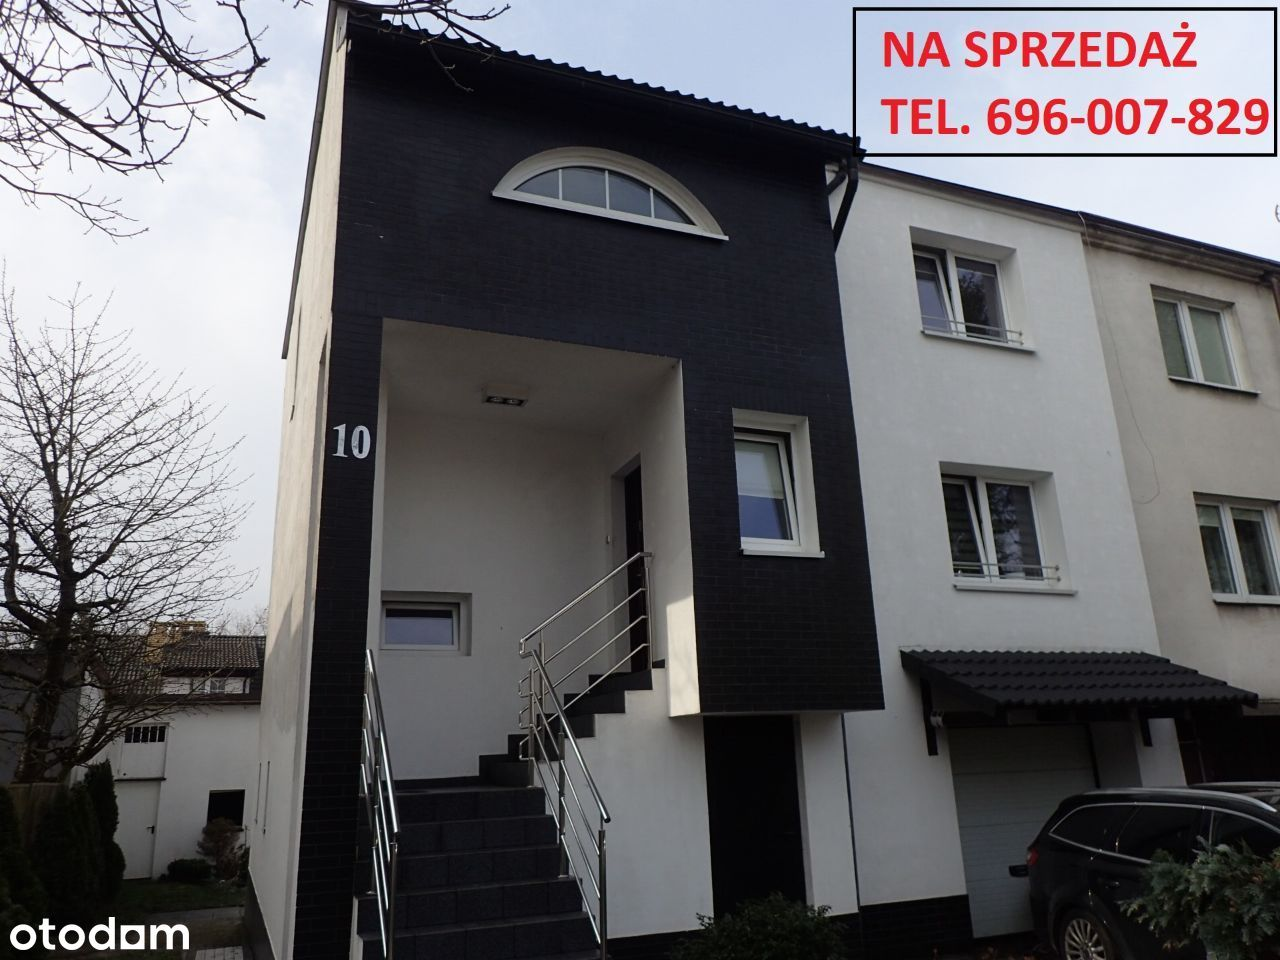 Sprzedam dom ul. Kusocińskiego w Słupsku